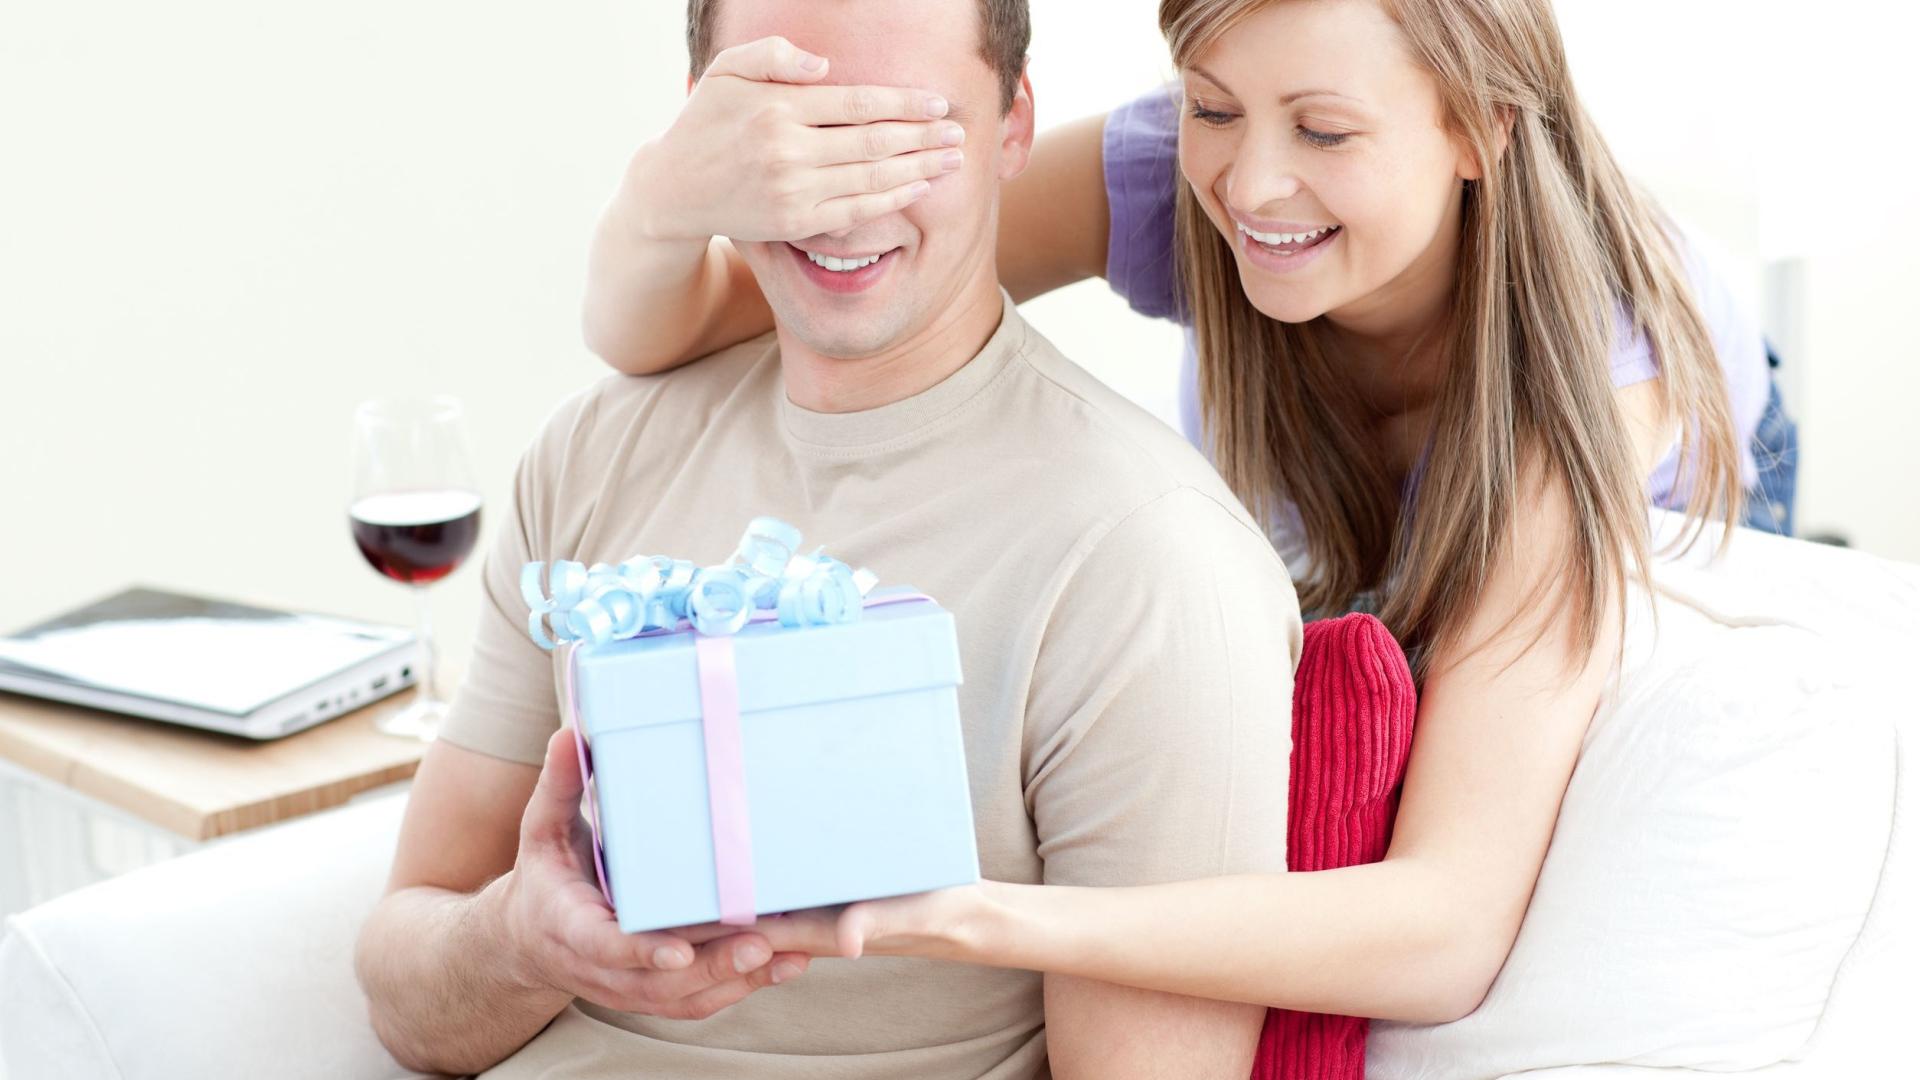 Идеи подарков для любимого мужчины, парня, друга от Подарков 42